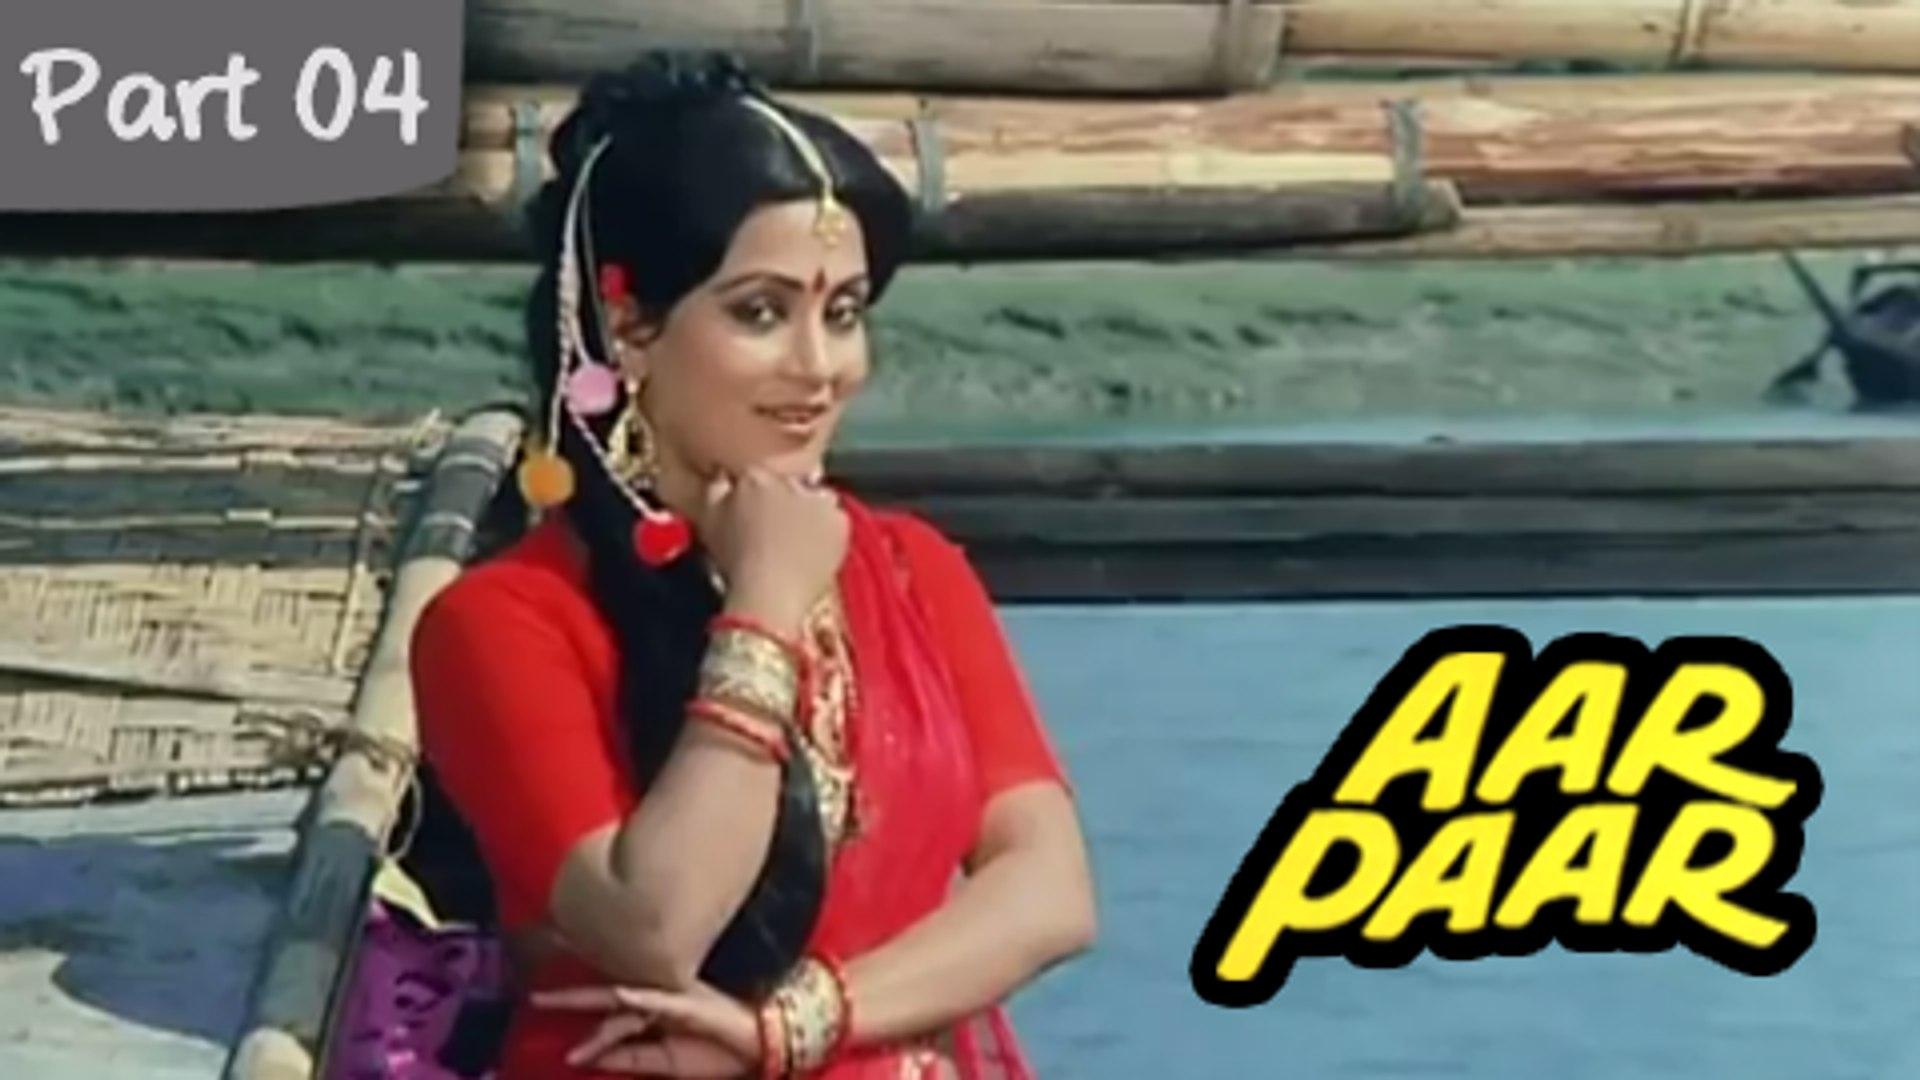 Aar Paar - Part 04/11 - Classic Blockbuster Hindi Movie - Mithun Chakraborty, Nutan